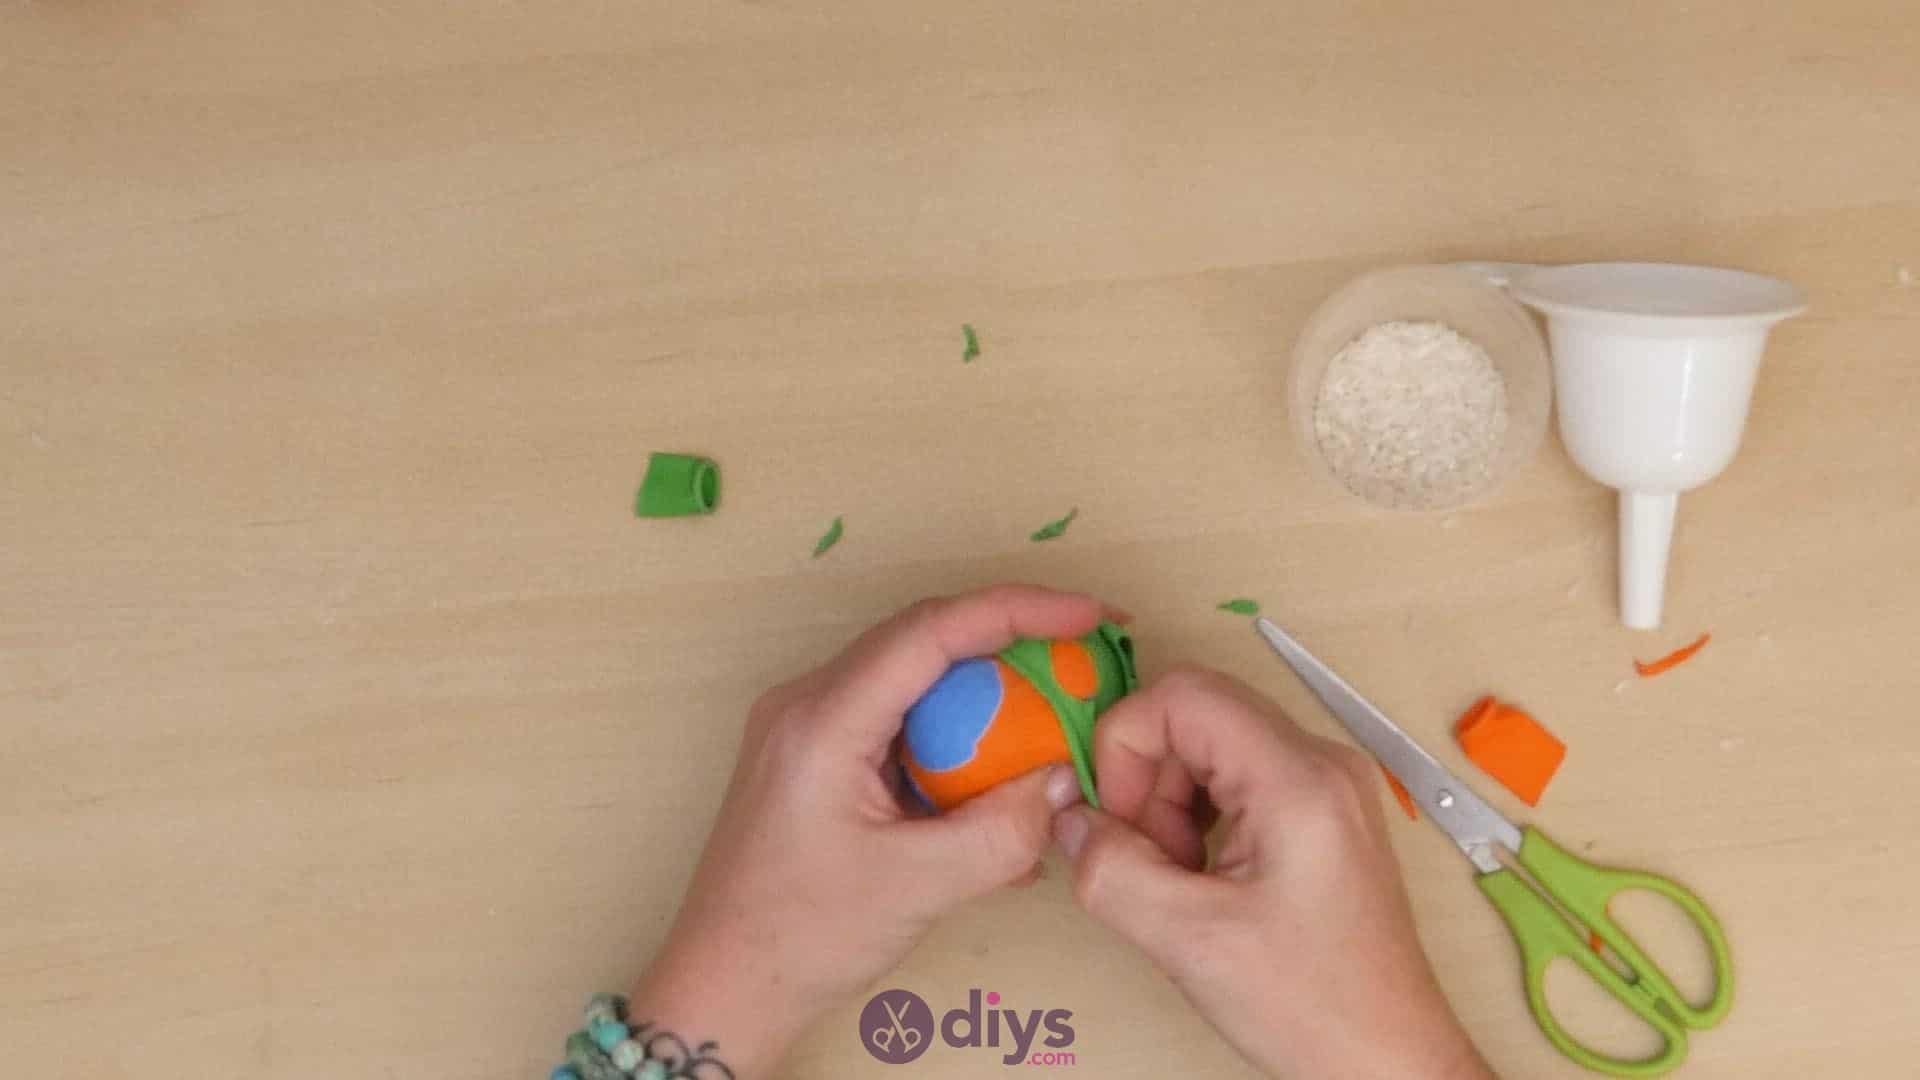 Diy juggling balls step 5a